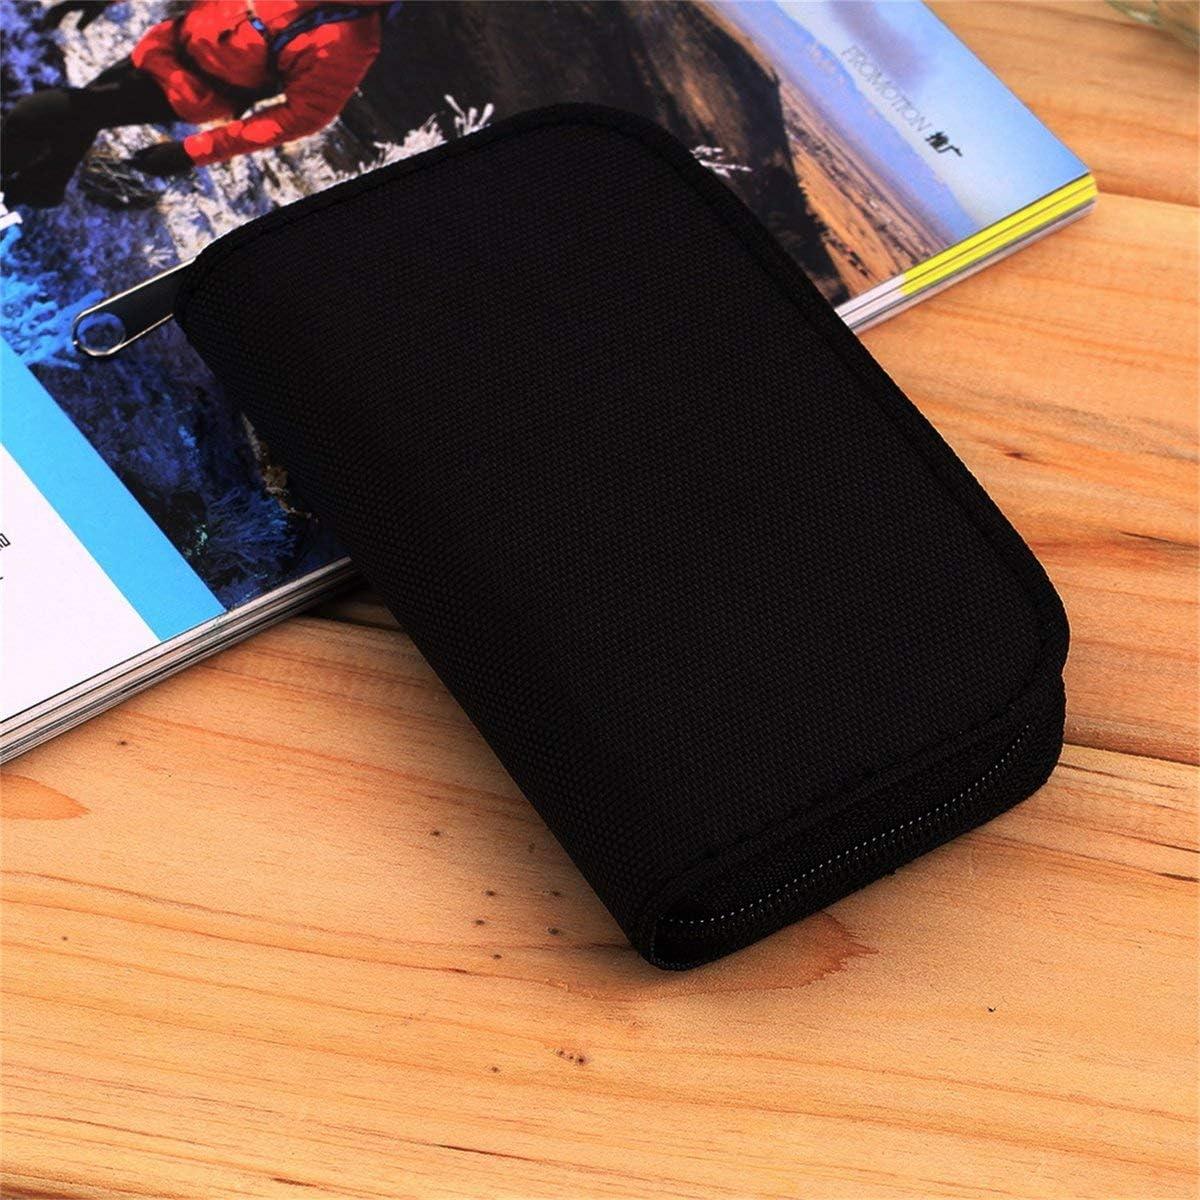 4 colores SD SDHC MMC CF para almacenamiento de tarjeta de memoria Micro SD bolsa de transporte caja estuche protector protector billetera tienda al por mayor